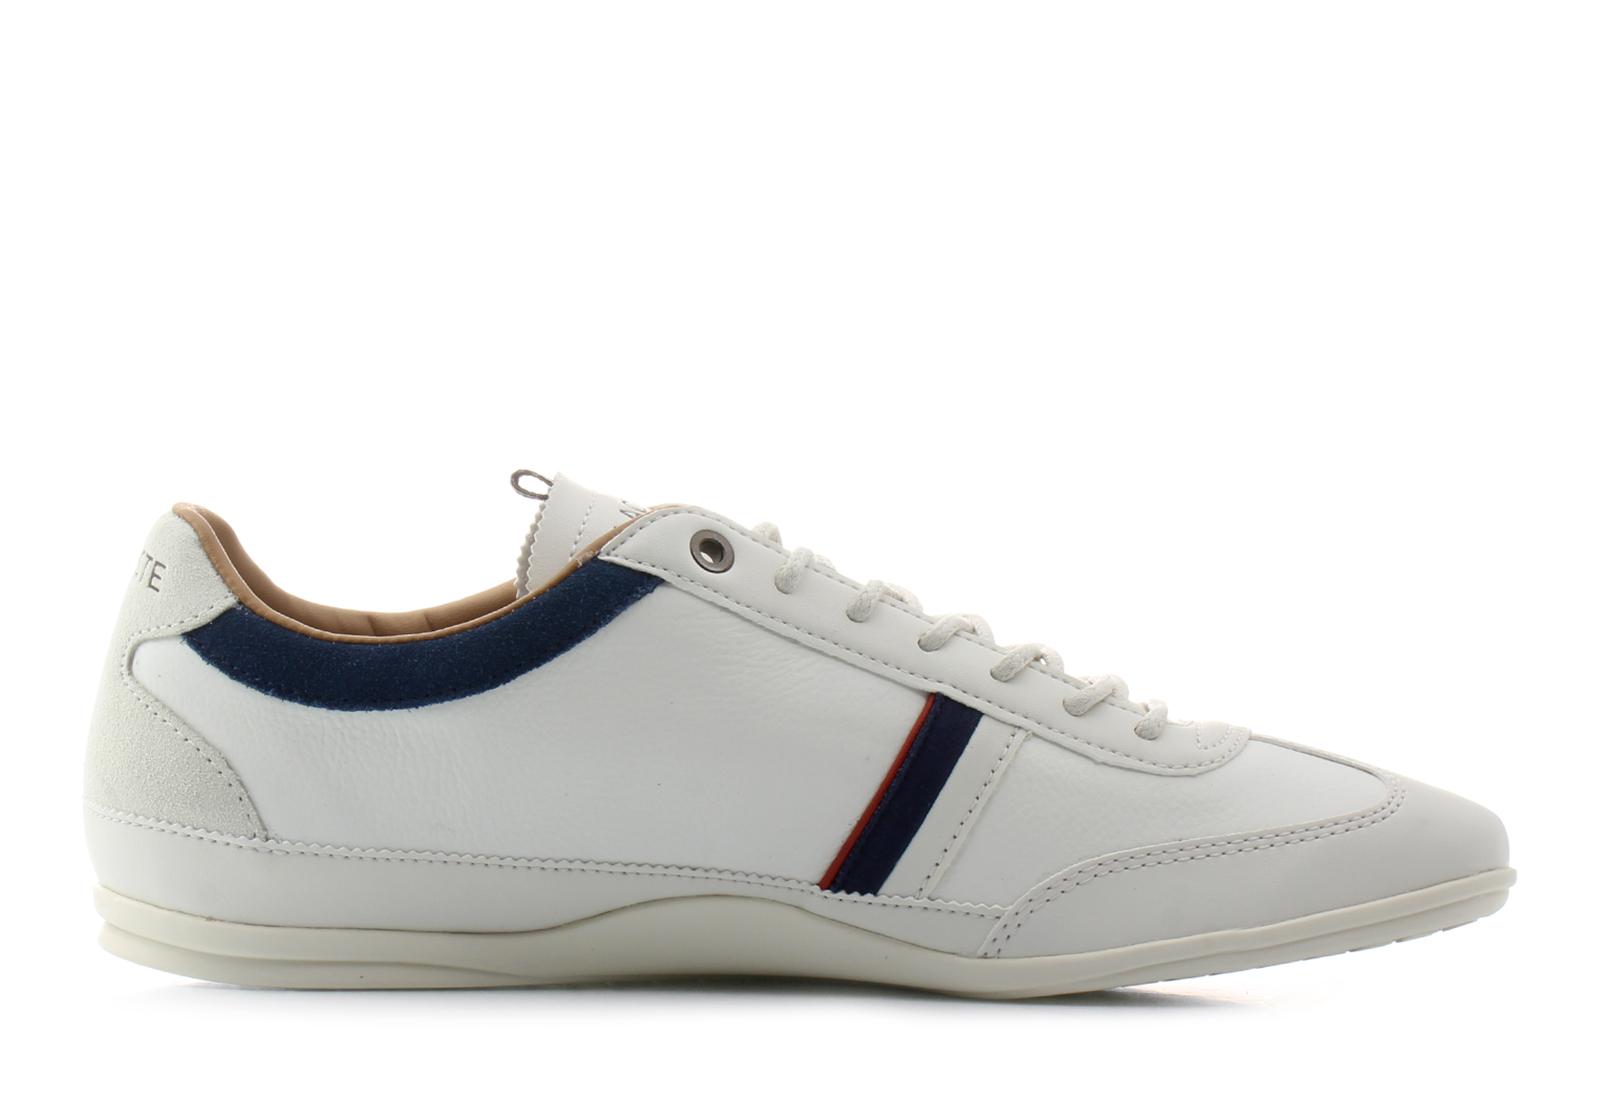 Misano Shoes Men